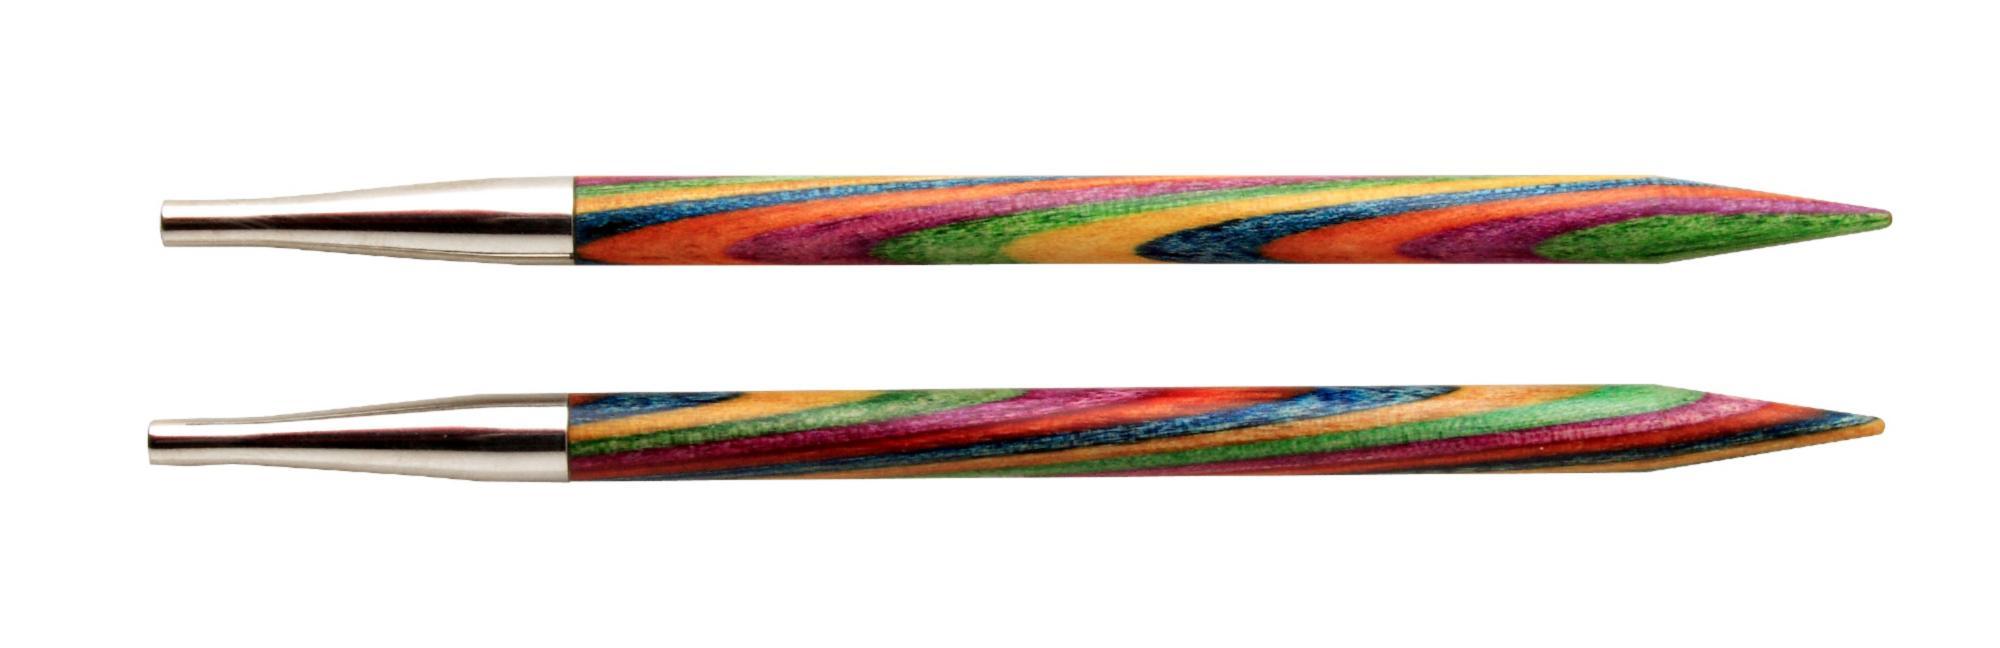 Спицы съемные Symfonie Wood KnitPro, 20415, 3.00 мм